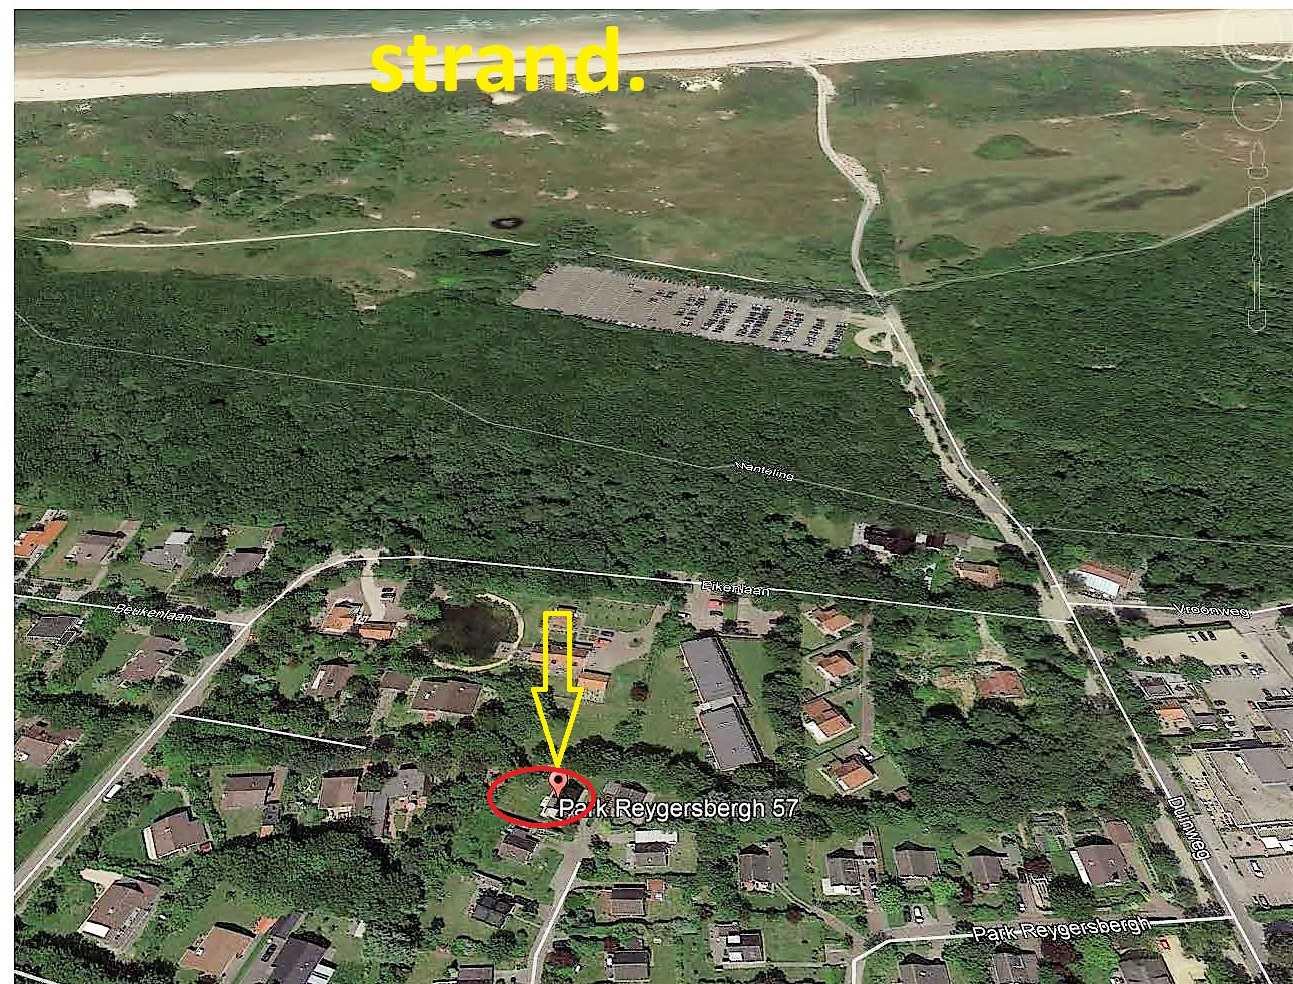 Luftfoto von der Lage.